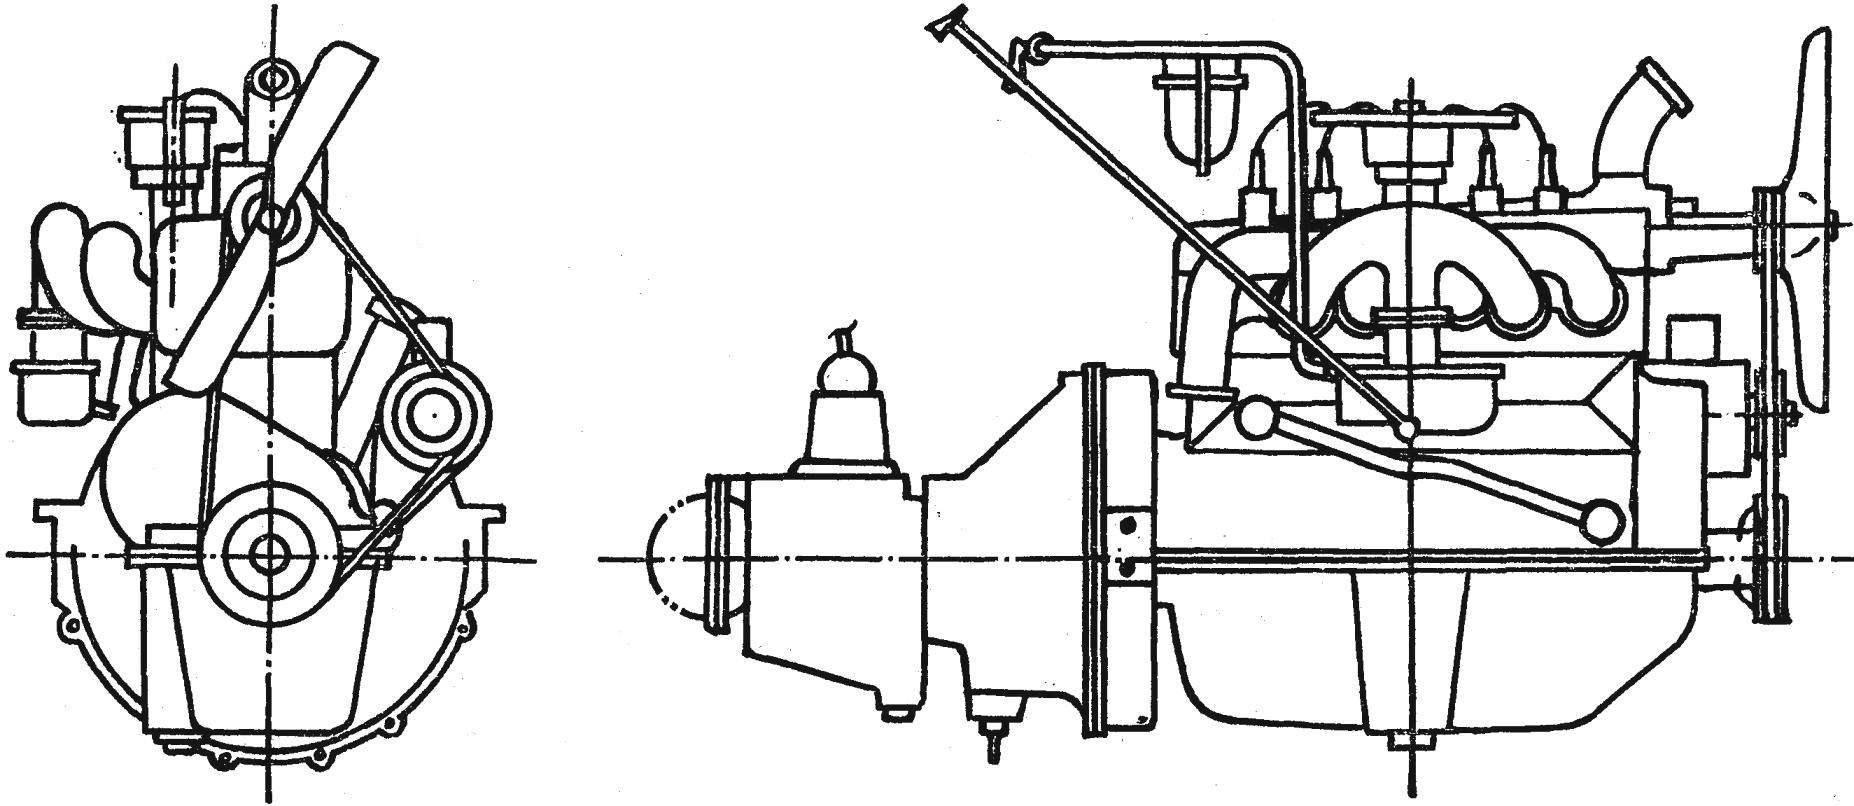 Рис. 3. Двигатель автомобиля ГАЗ-А.